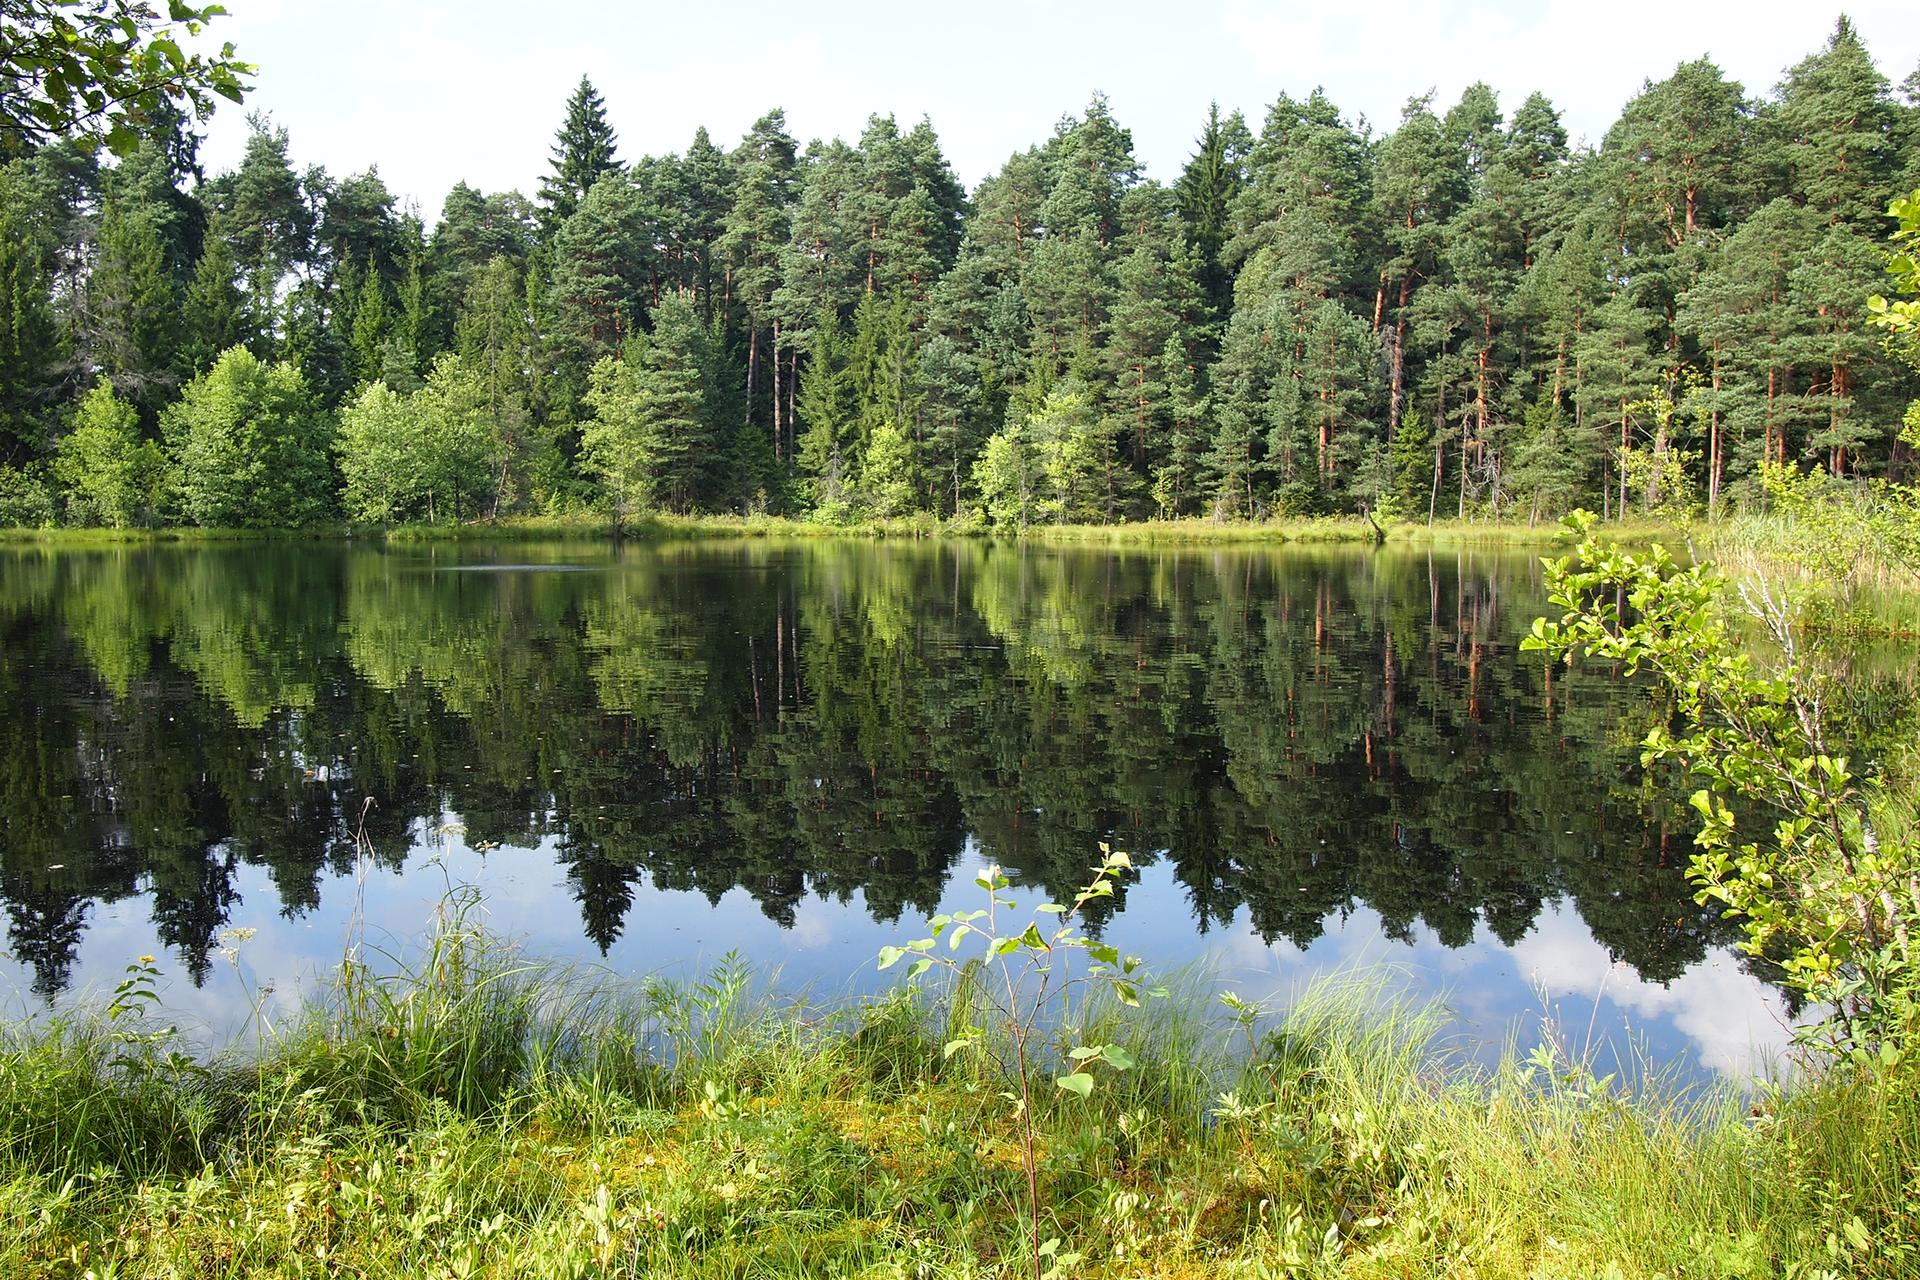 Fotografia przestawia jezioro wlesie. Wwodzie odbija się błękitne niebo izielone drzewa. Zprzodu fragment brzegu porośnięty trawą. Jezioro to ekosystem naturalny. małą liczbą gatunków. Slajd 4 to Akwarium jako ekosystem sztuczny.